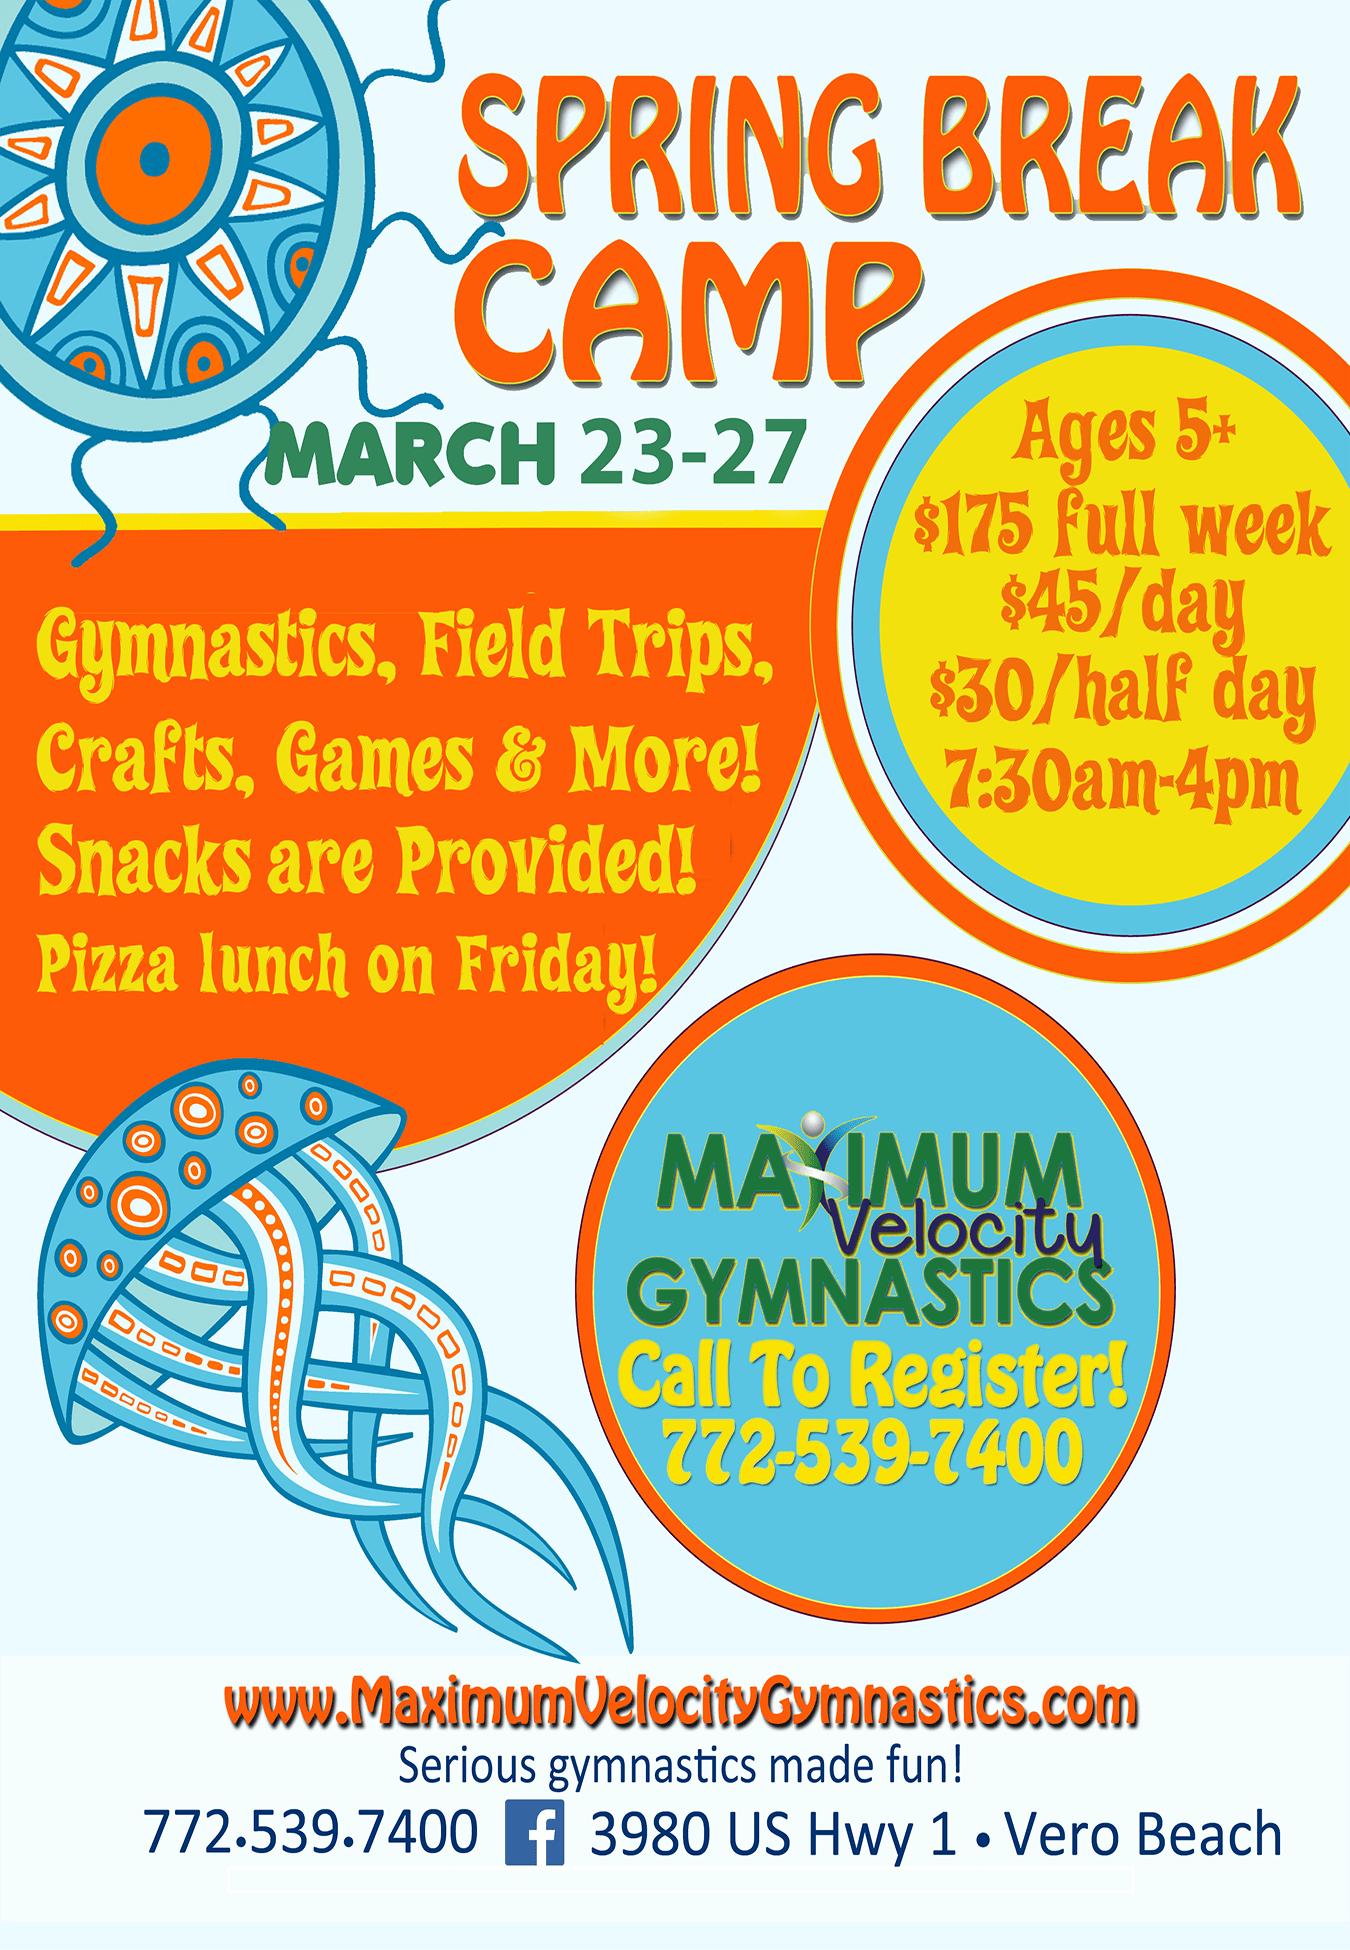 Spring Break at Maximum Velocity Gymnastics, Inc.